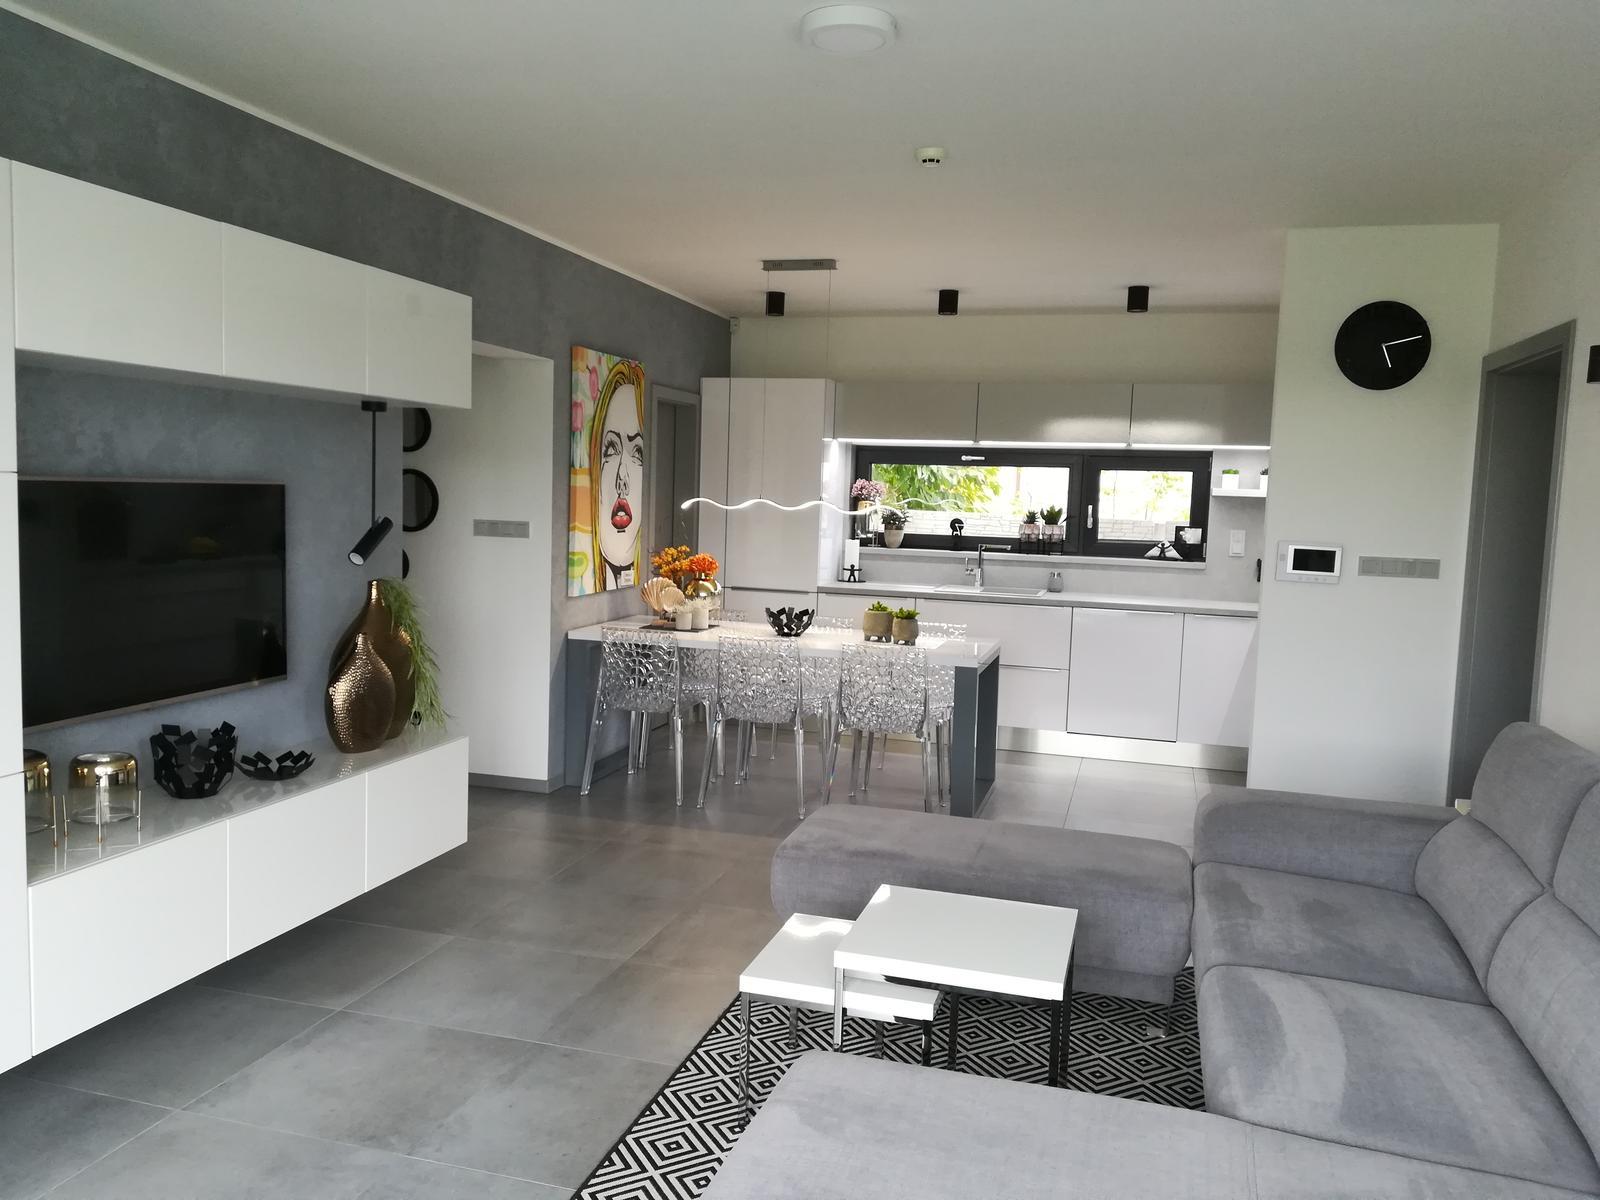 2xkonferencni stolek+koberec - Obrázek č. 3